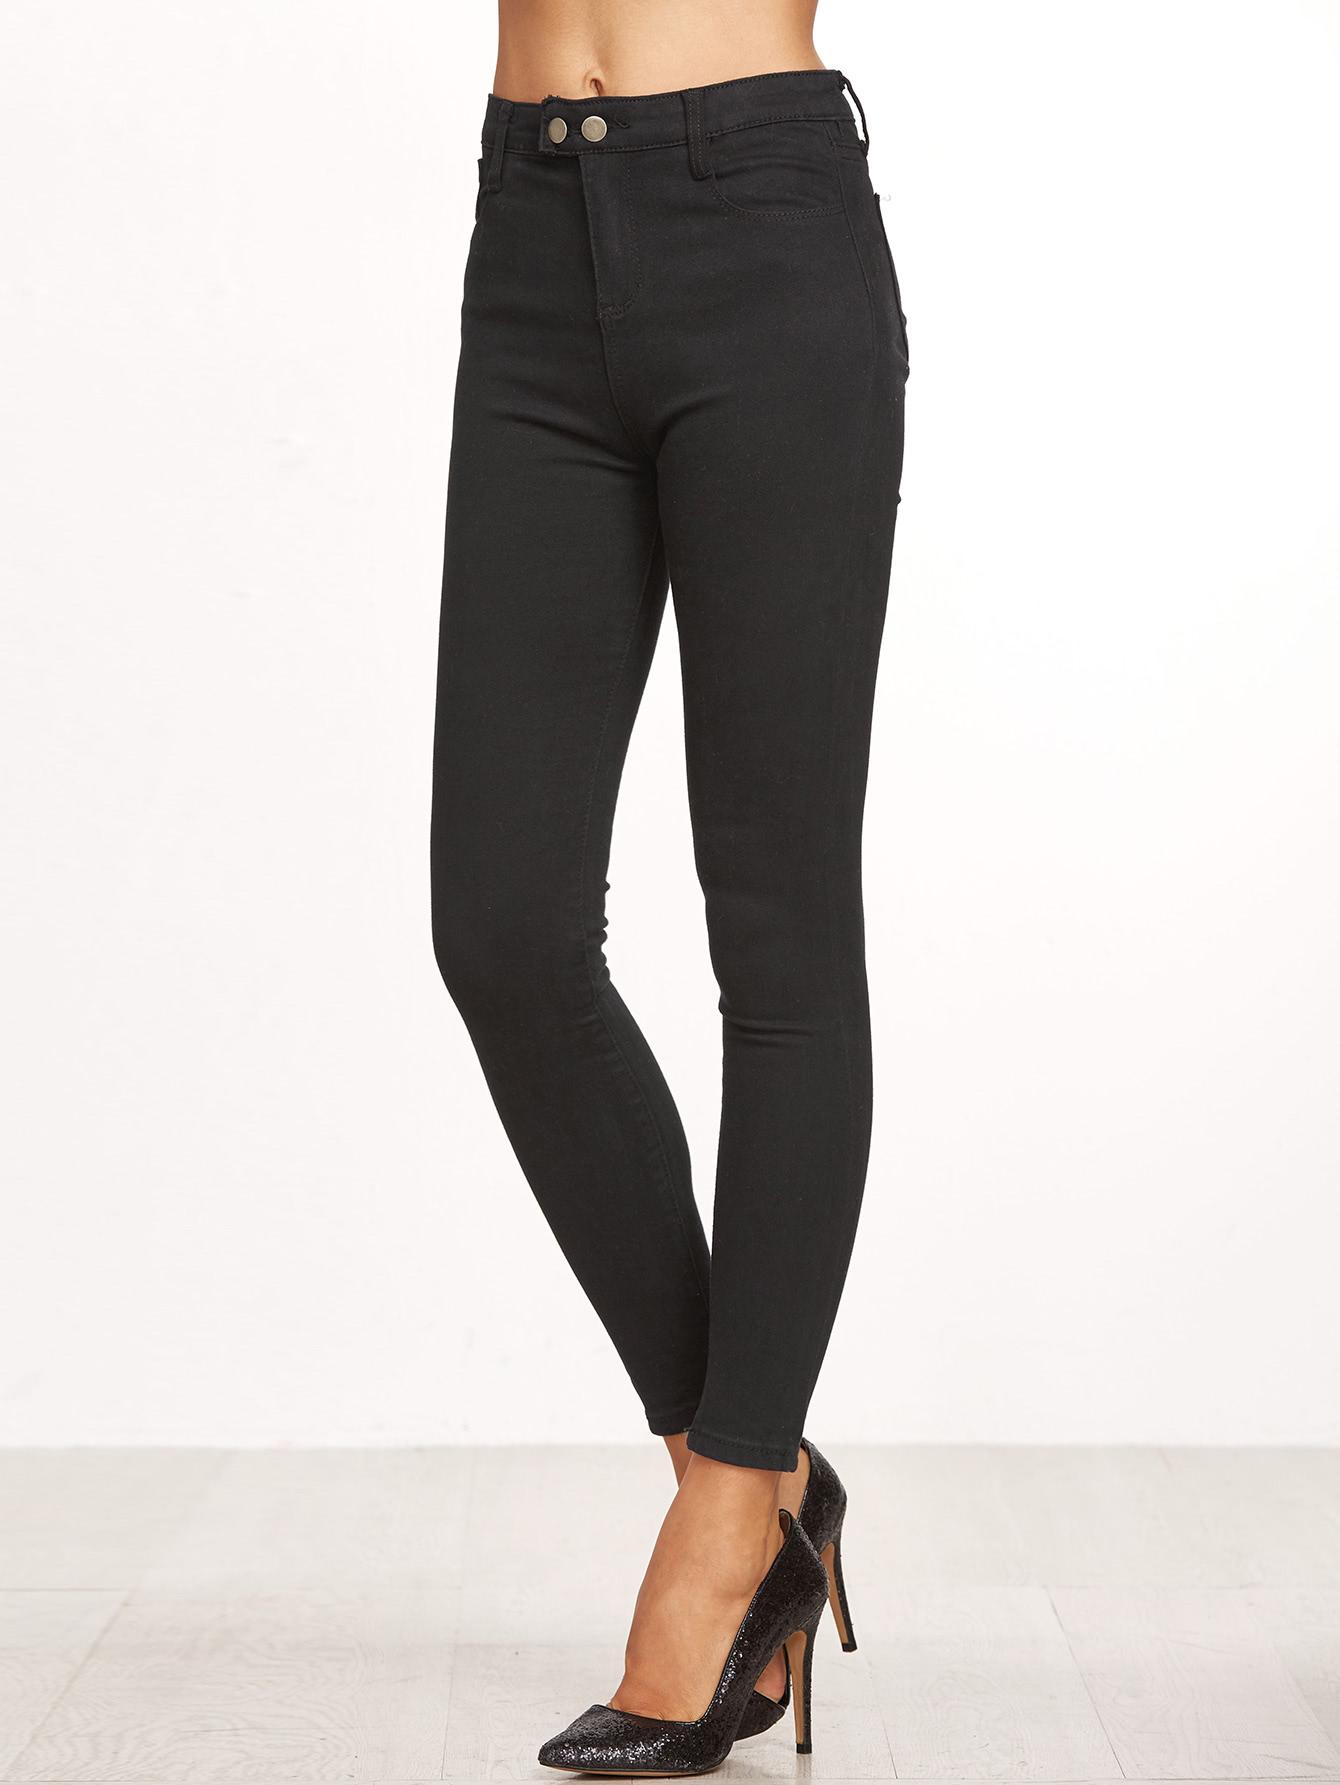 Skinny Ankle Pants